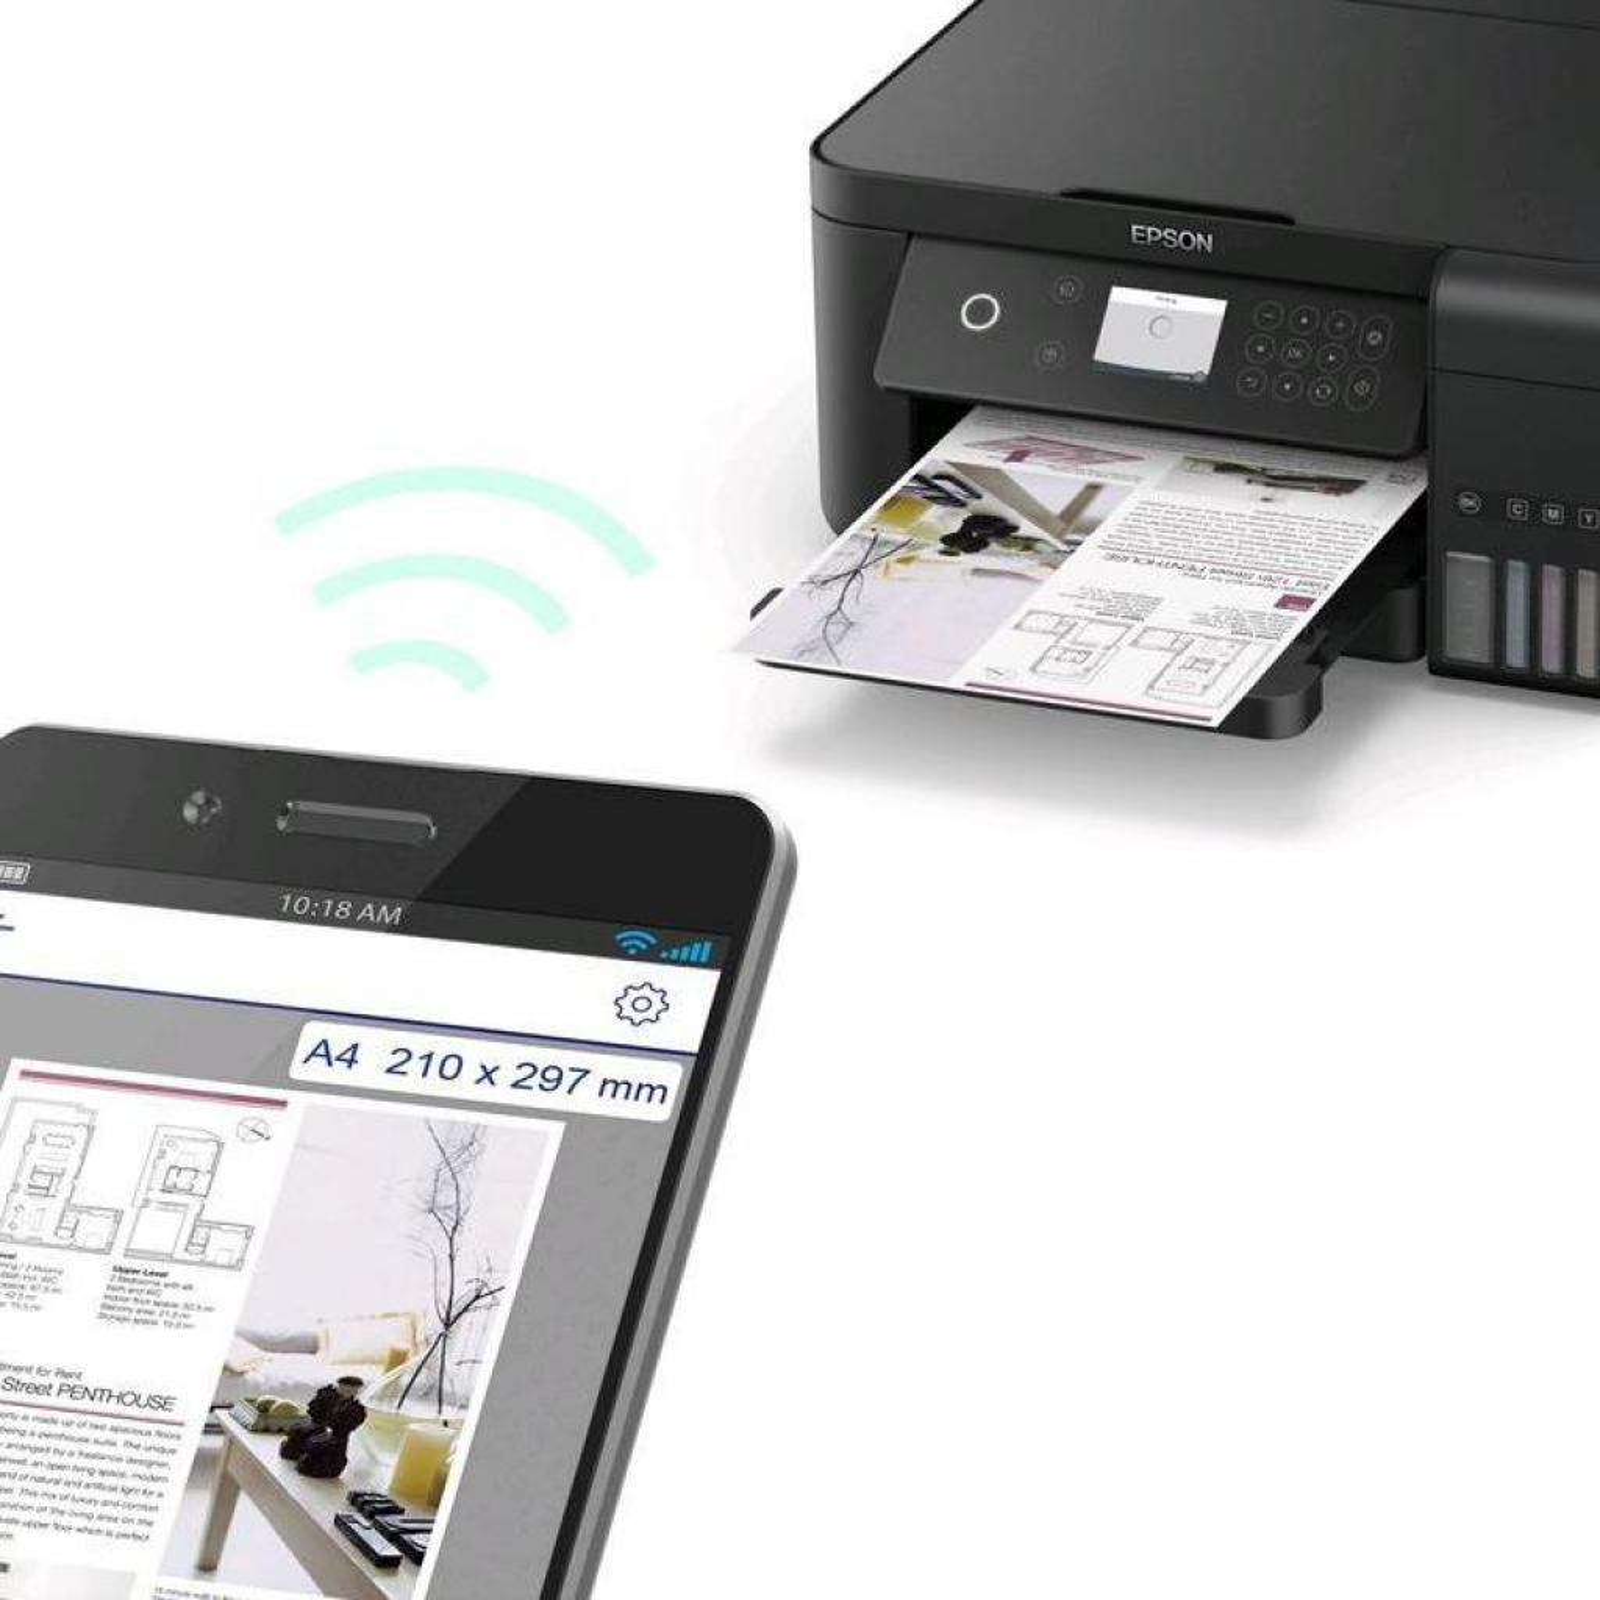 Многофункциональное устройство Epson L6160 c WiFi (C11CG21404) изображение 7